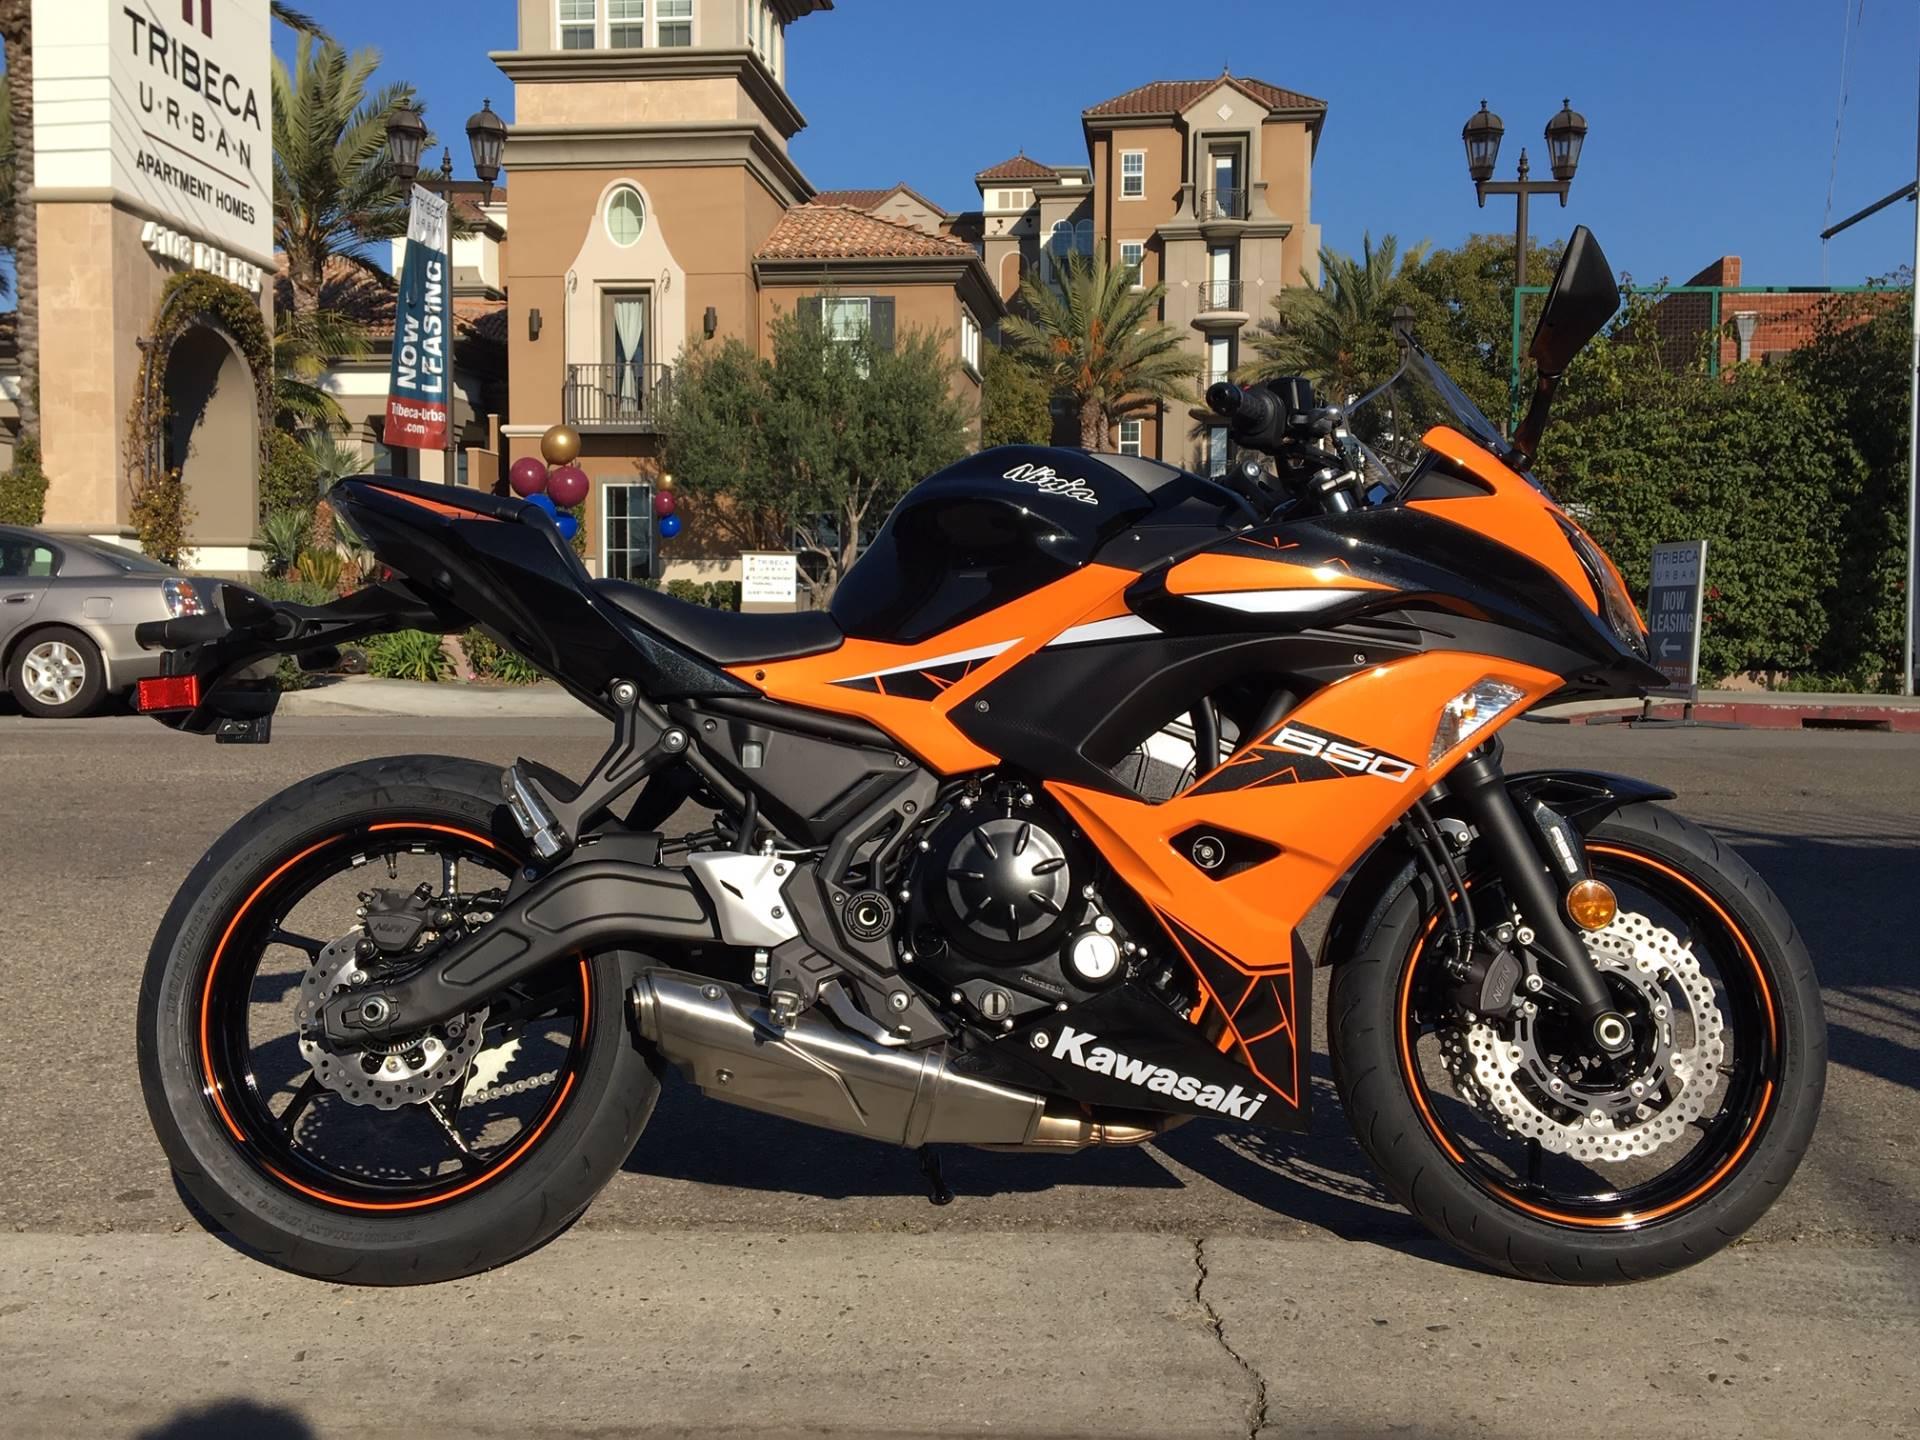 2019 Kawasaki Ninja 650 ABS for sale 7376